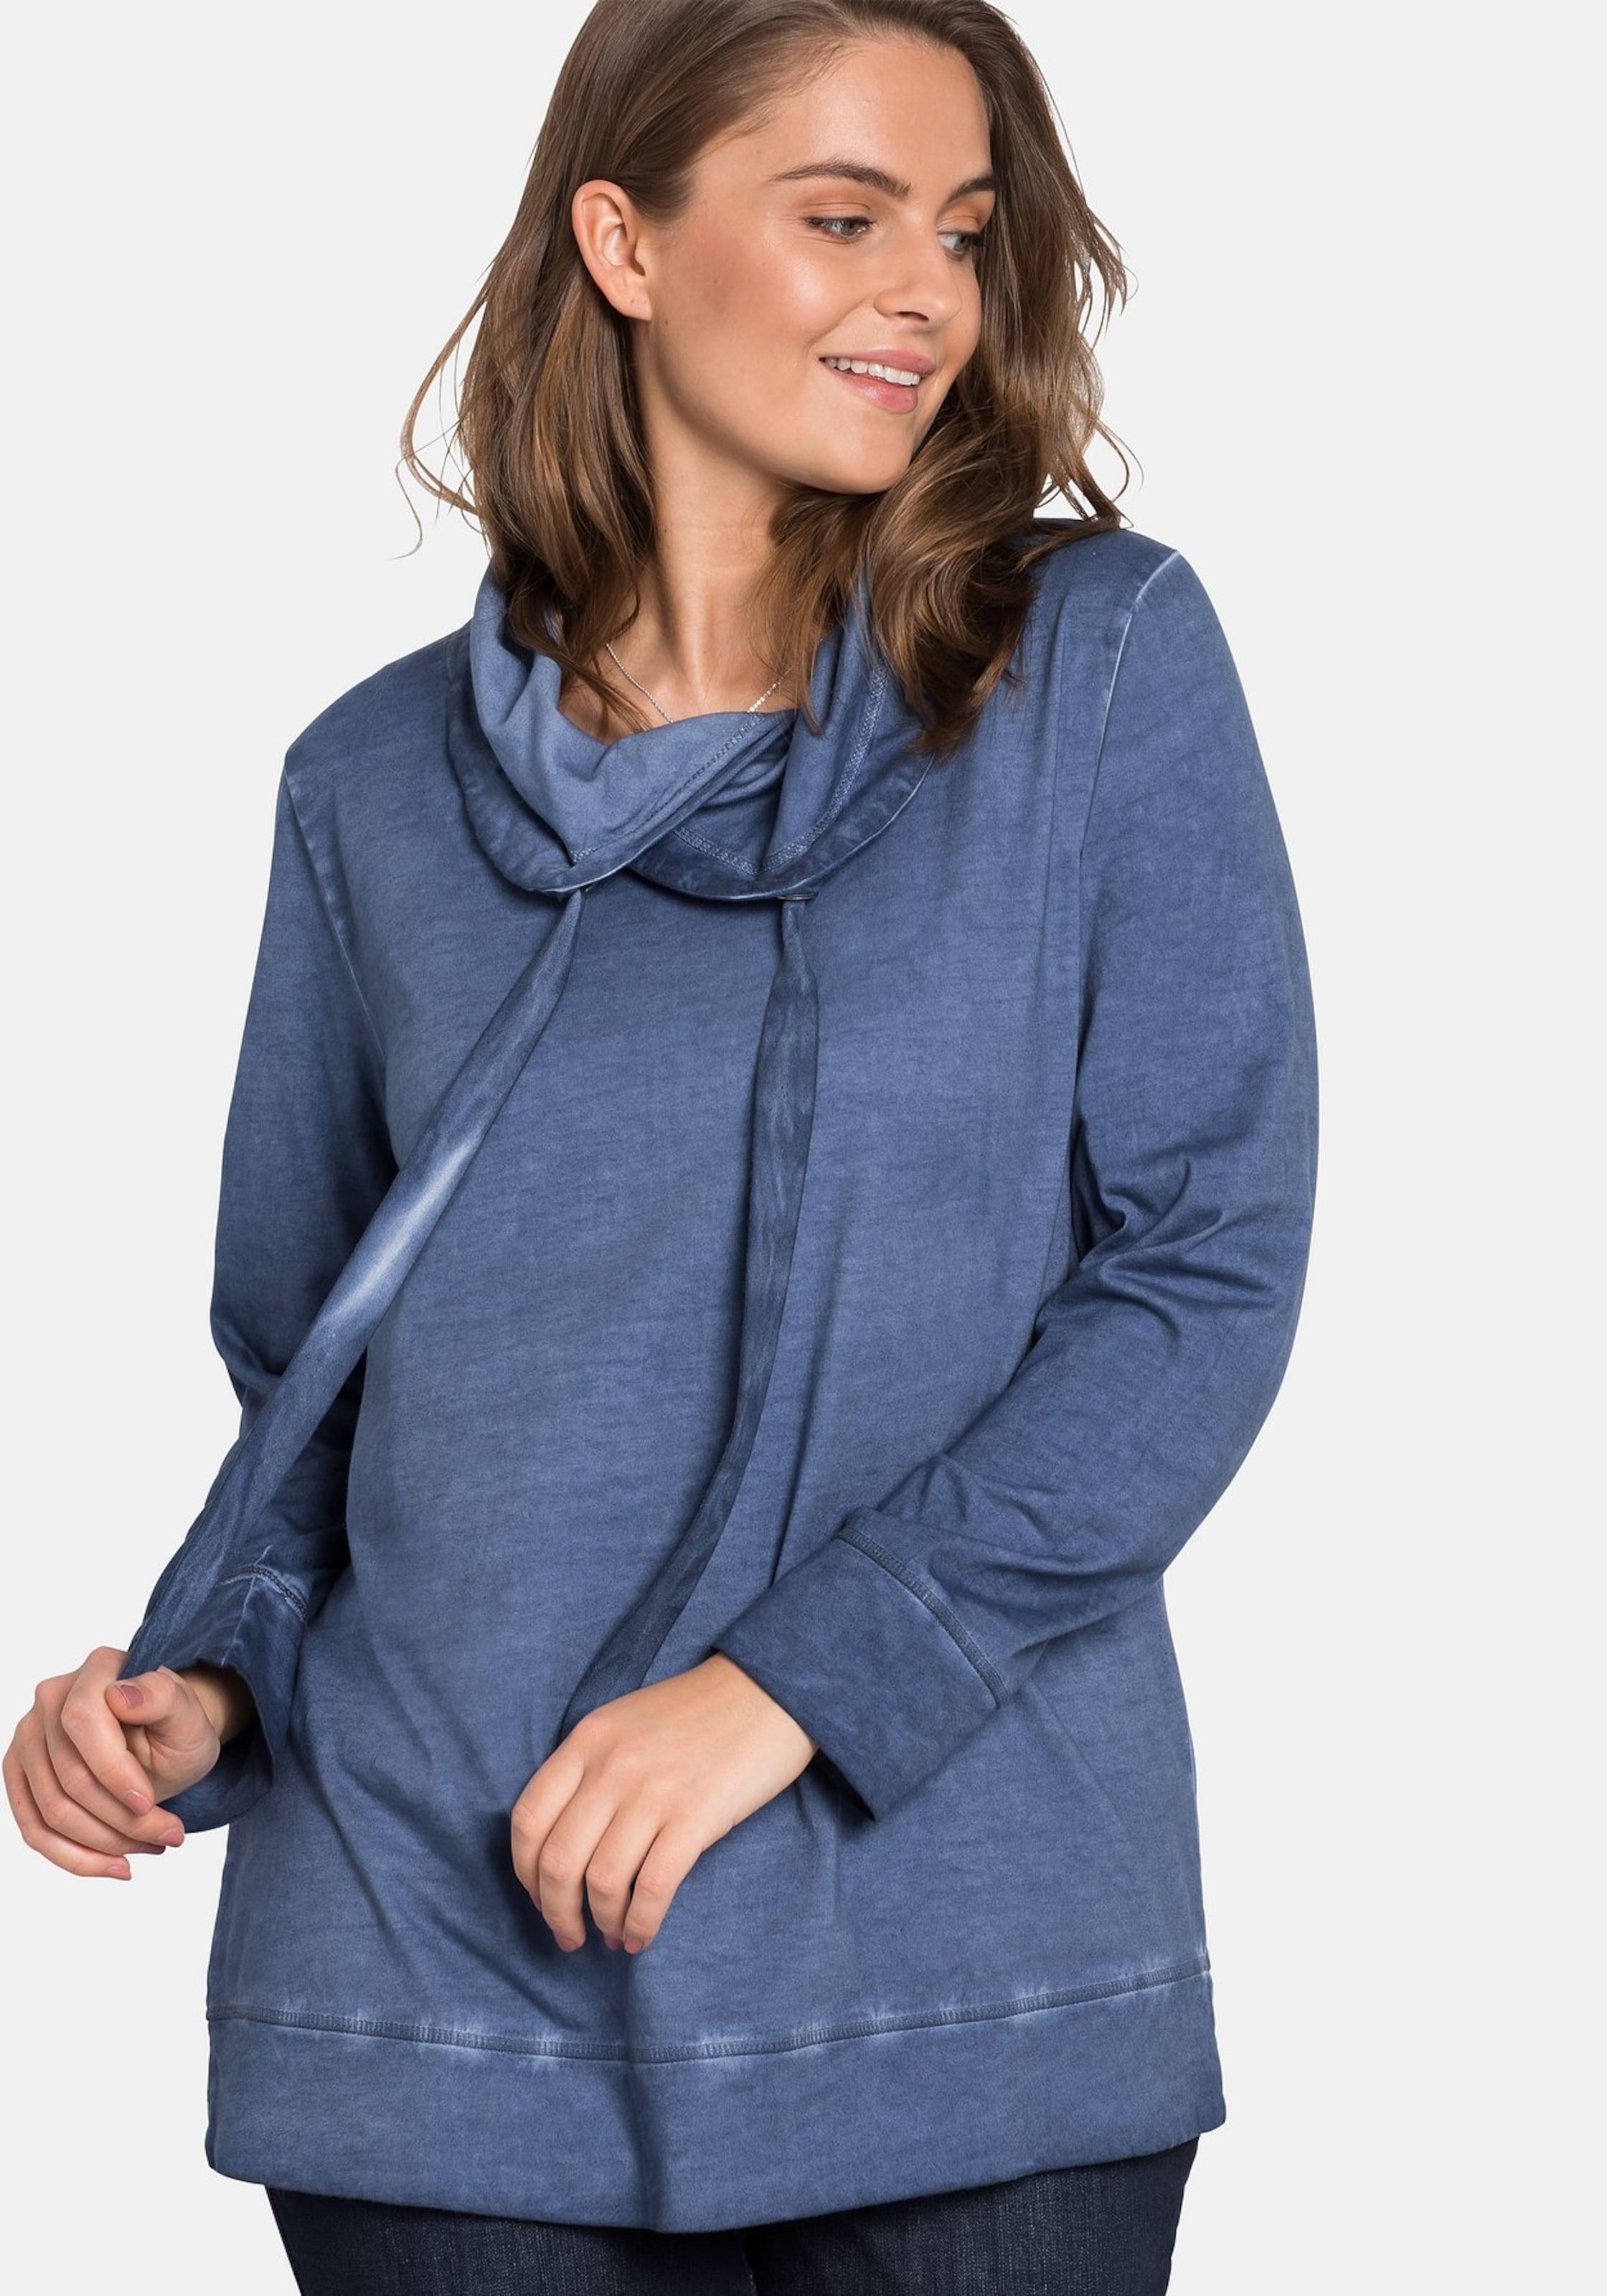 Sweatshirt Sweatshirt In Sheego Rauchblau Sheego In N0X8wnkOP